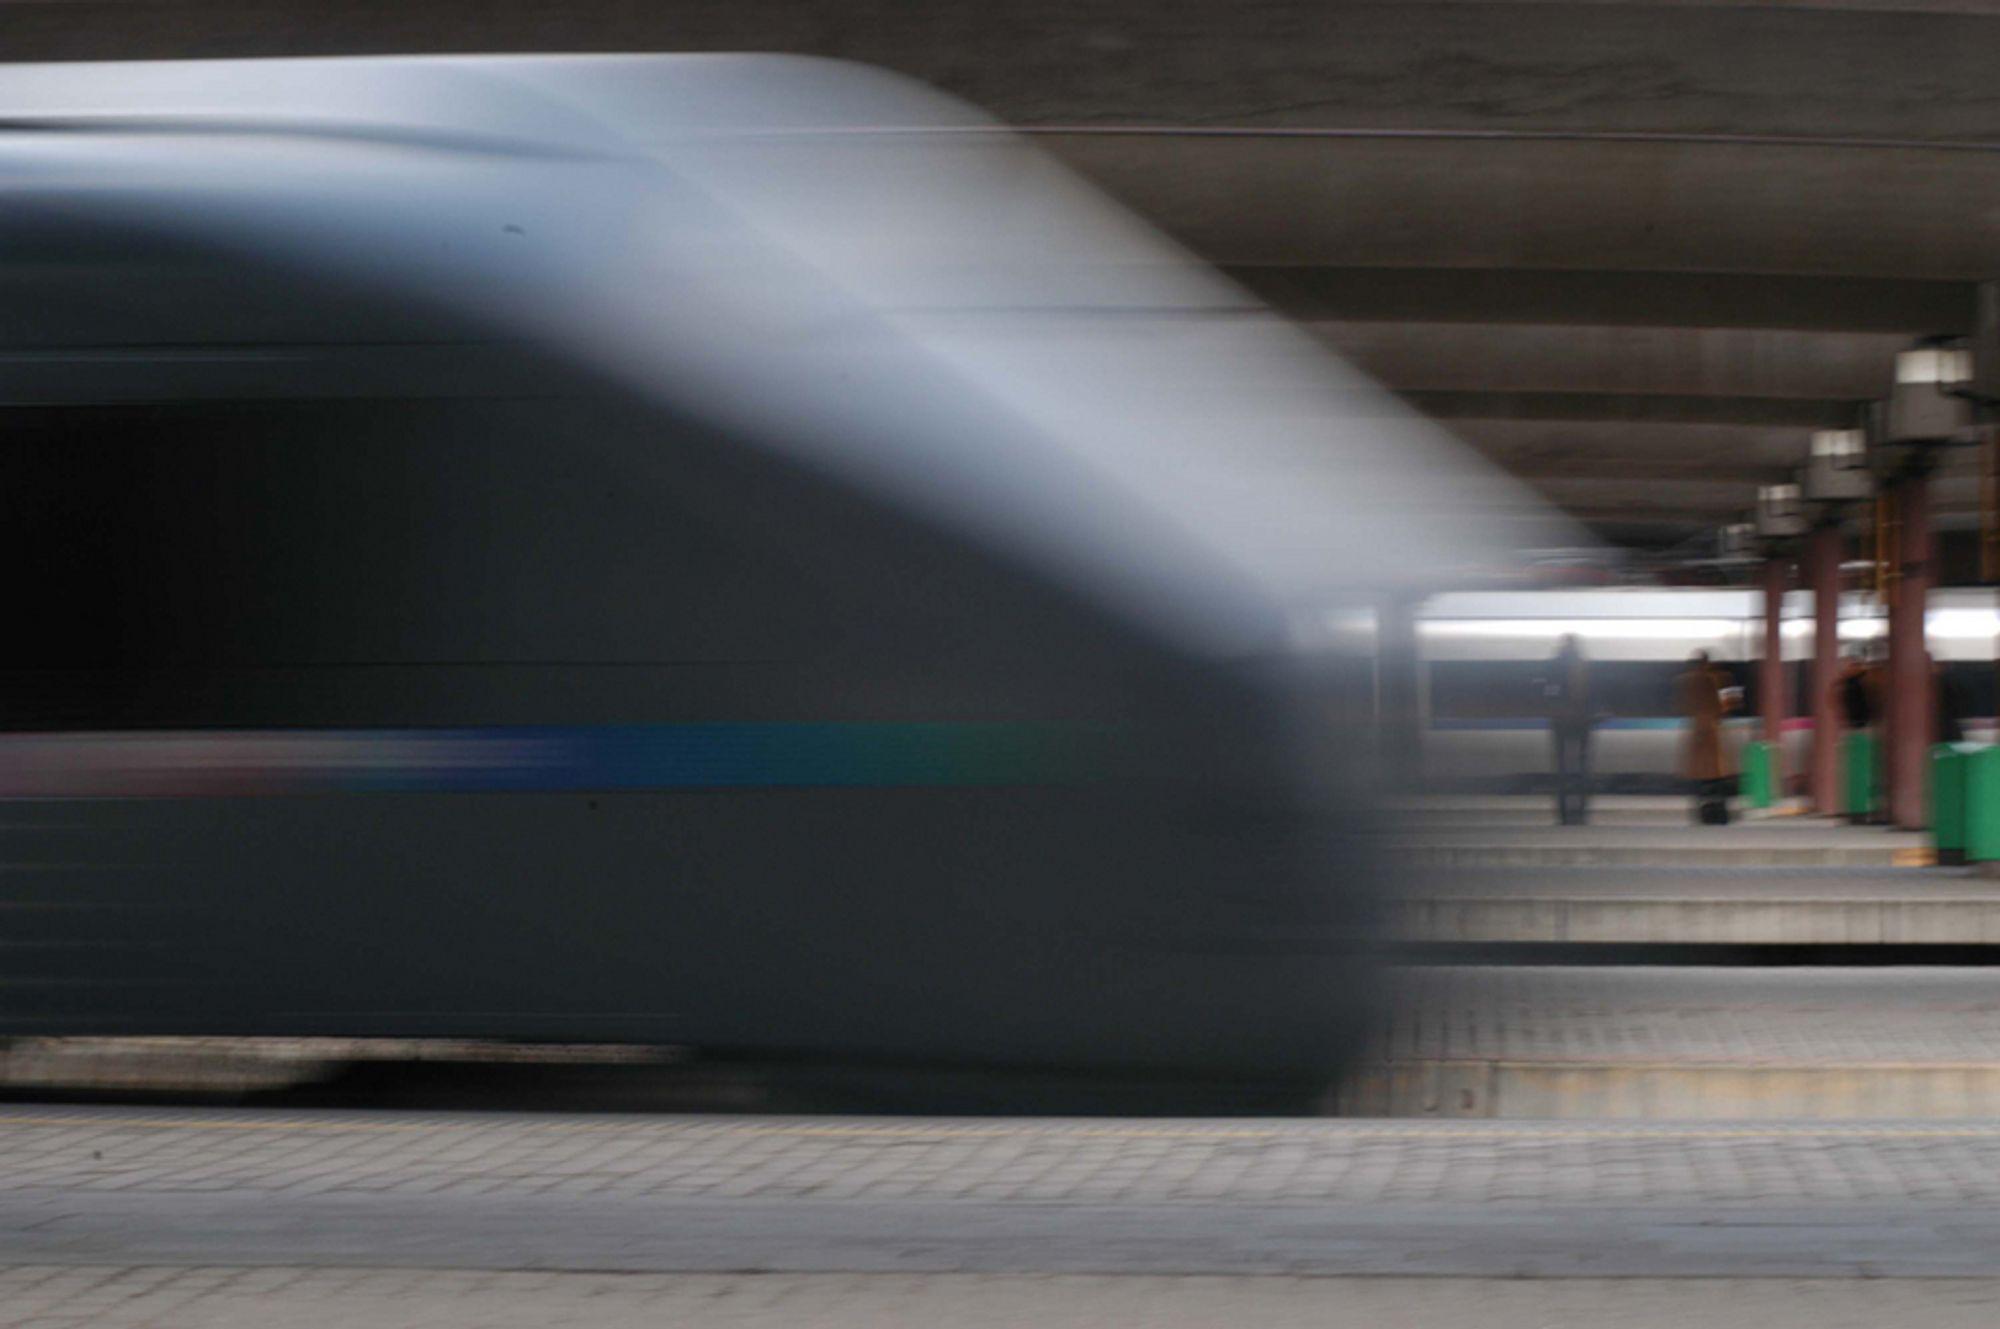 Flytoget er eneste høyhastighetsbane i Norge. Naturvernforbundet påviser i undersøkelsen at høyhastighetsbane er mye mer miljøvennlig enn fly, selv når en tar bygging av infrastruktur med i bildet.